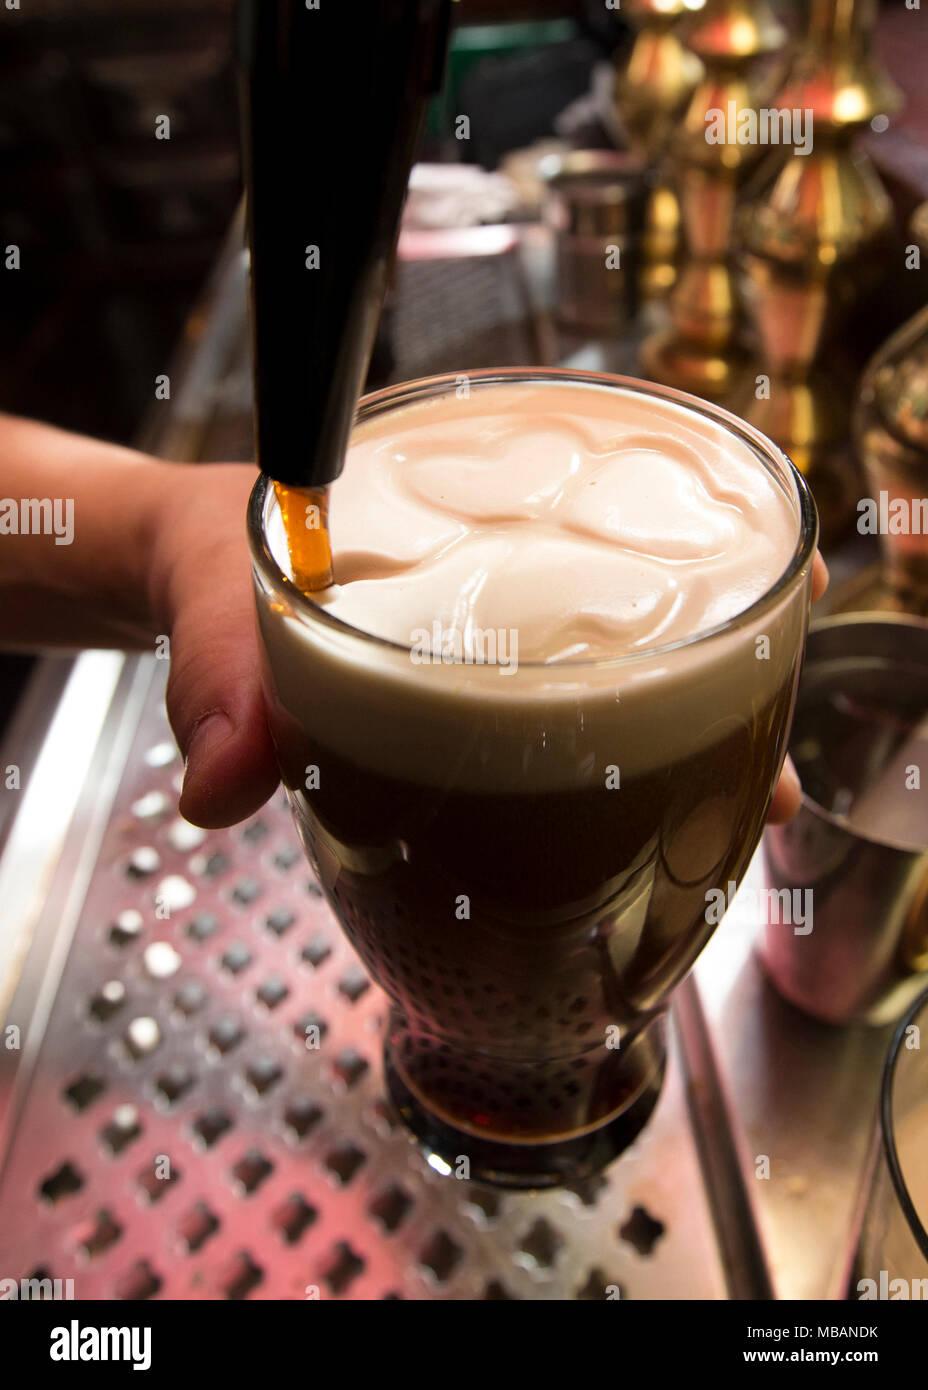 Primer plano de un barman, dibujando un trébol en la espuma de la cerveza con el grifo de cerveza. Él está vertiendo un negro oscuro cerveza irlandesa en el mostrador de bar. Imagen De Stock